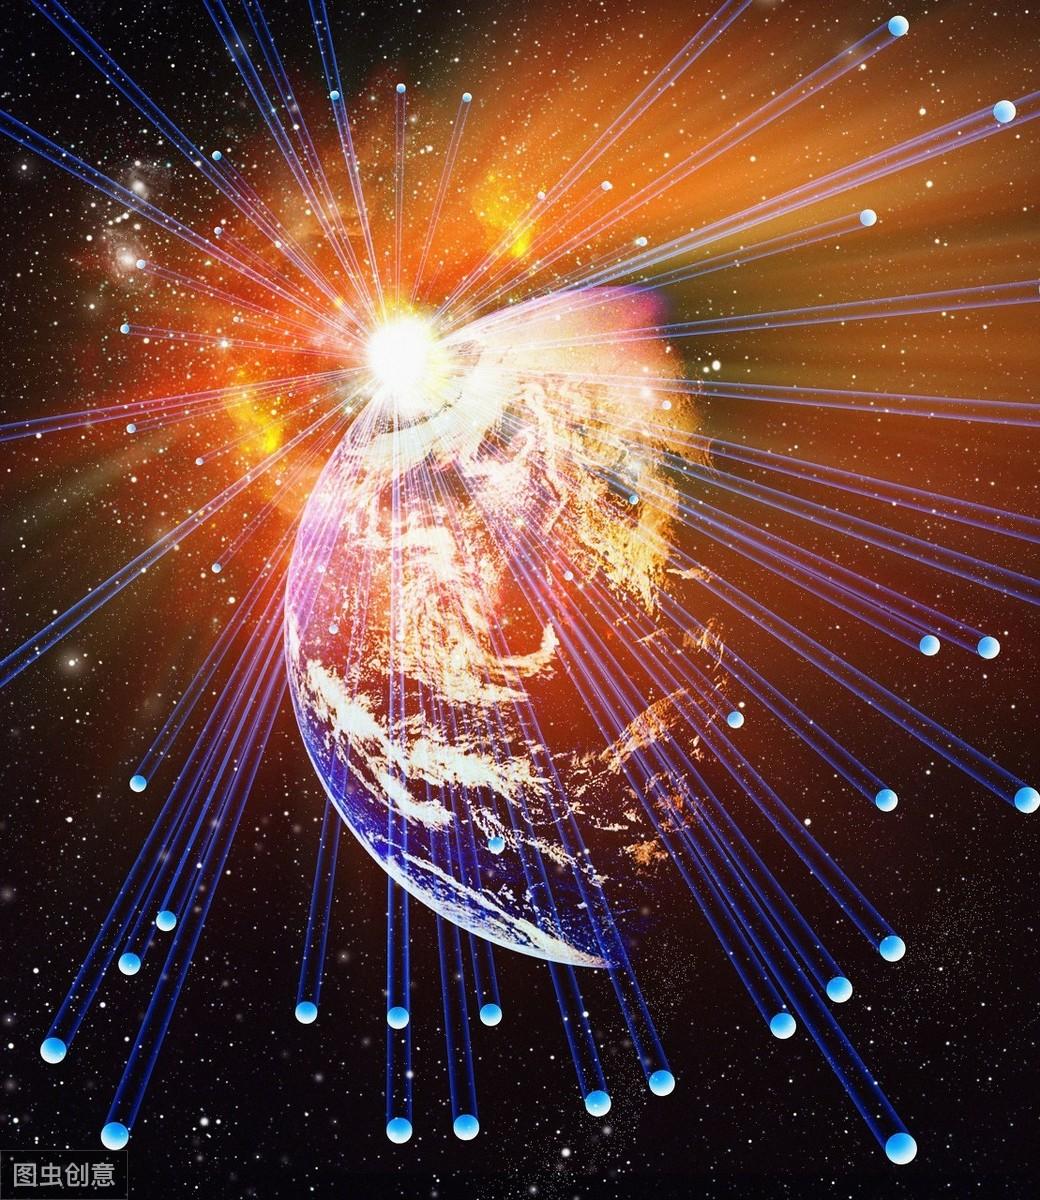 电磁波除了能传递信号外,它跟光又有什么联系呢?